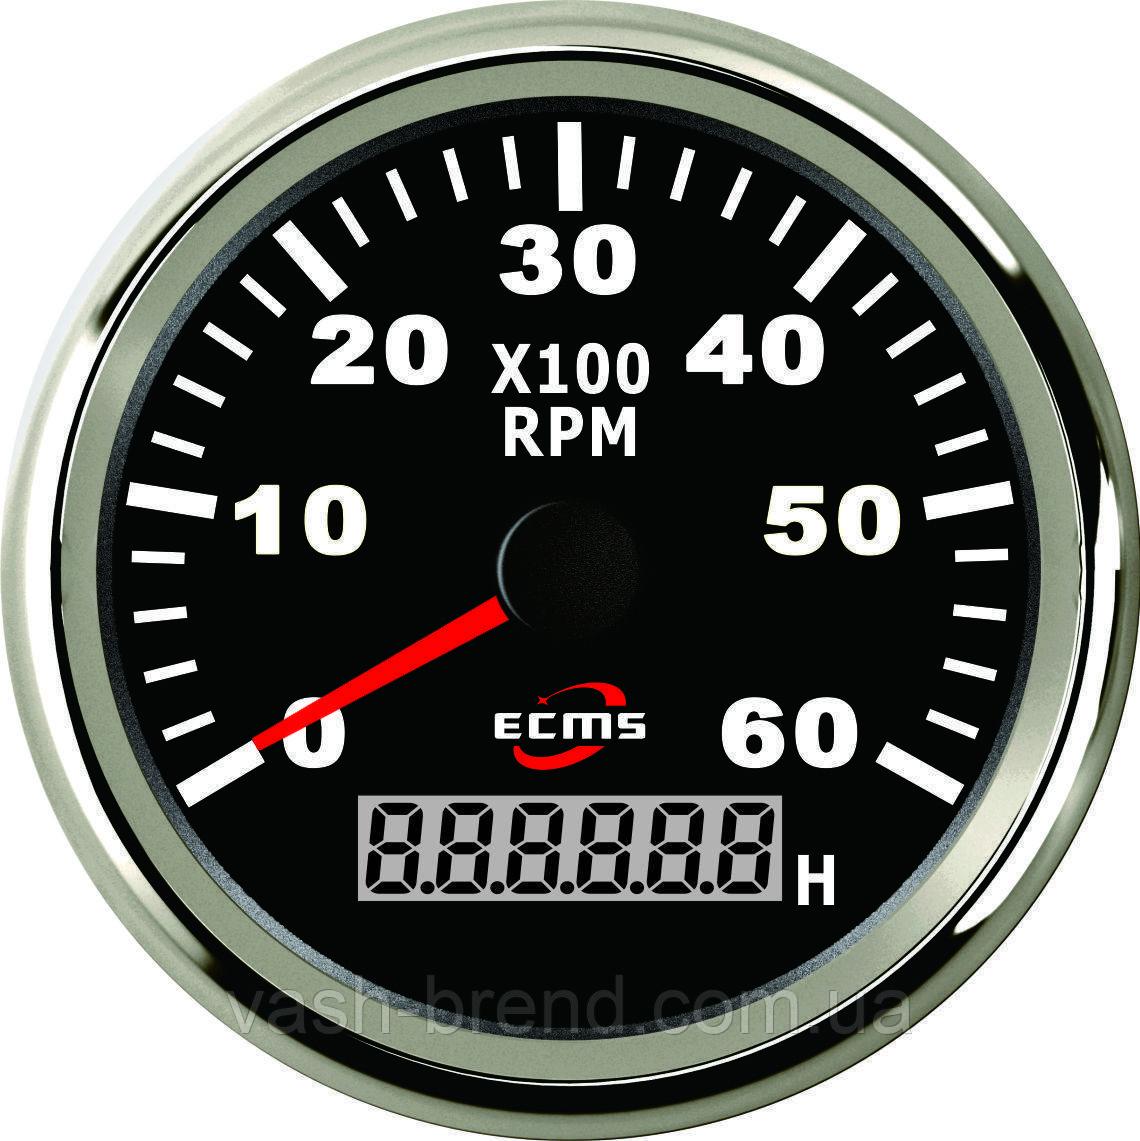 Тахометр з лічильником мотогодин ecms (чорний)